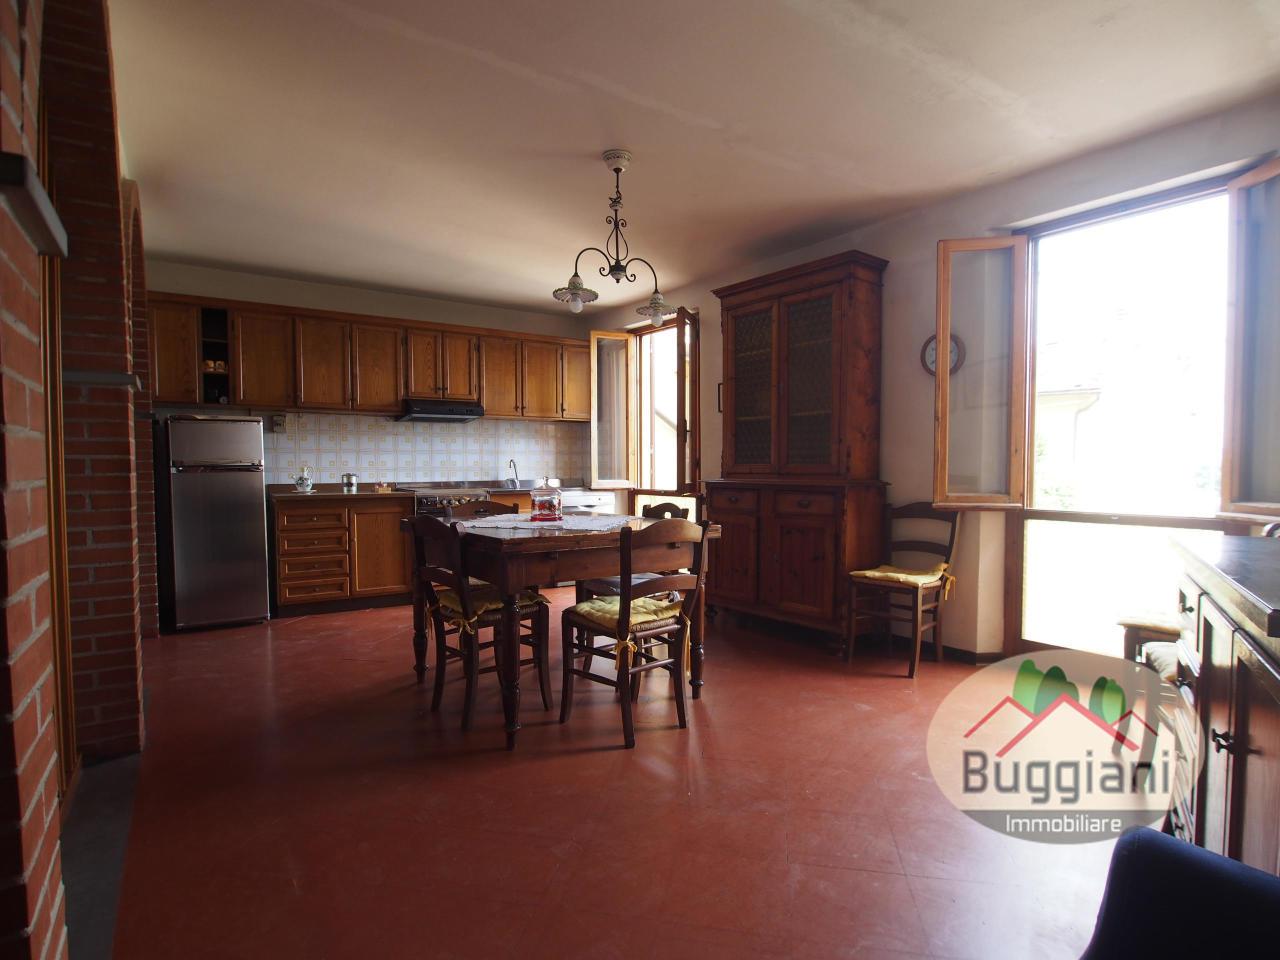 Terratetto in vendita RIF. 2424, San Miniato (PI)